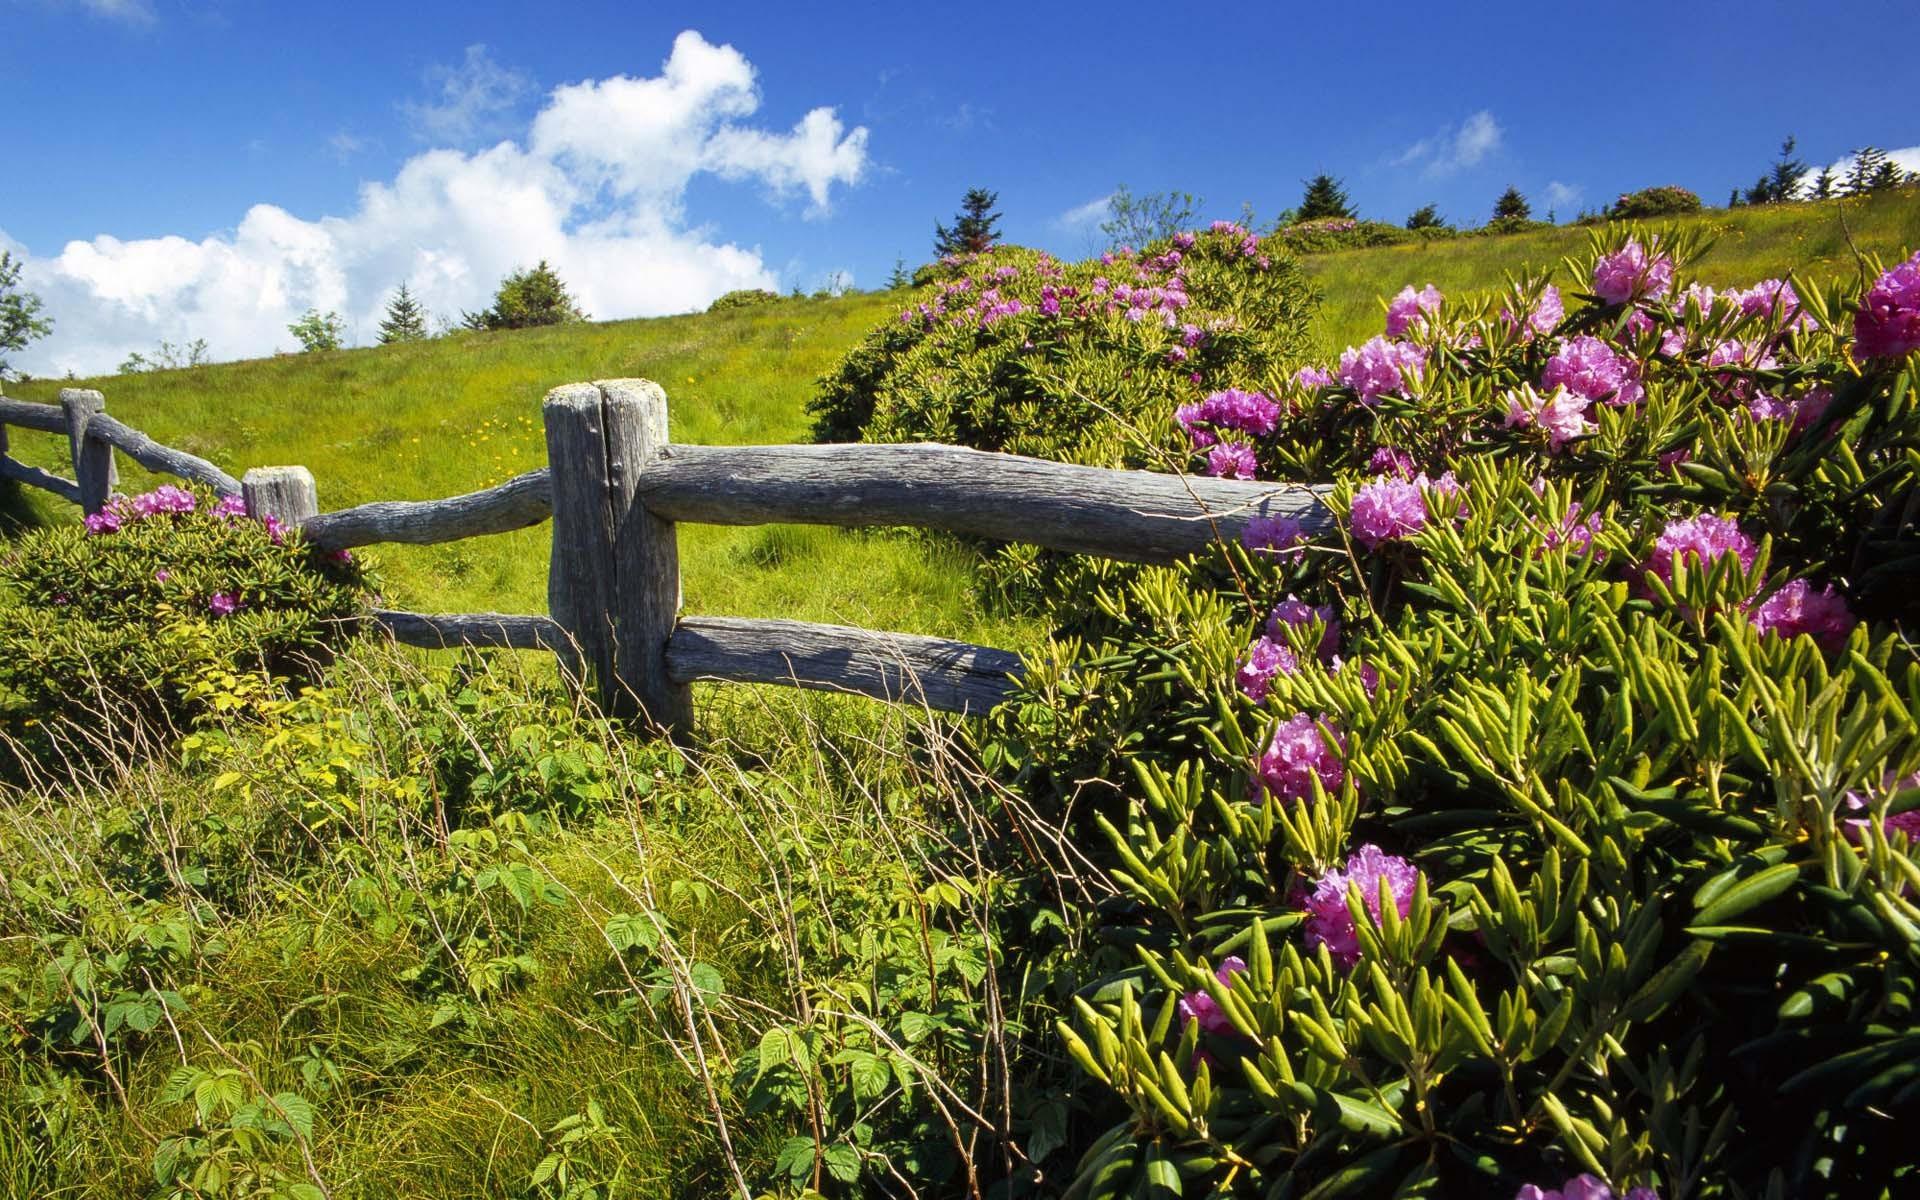 ставил землю дом луг цветы фото редко